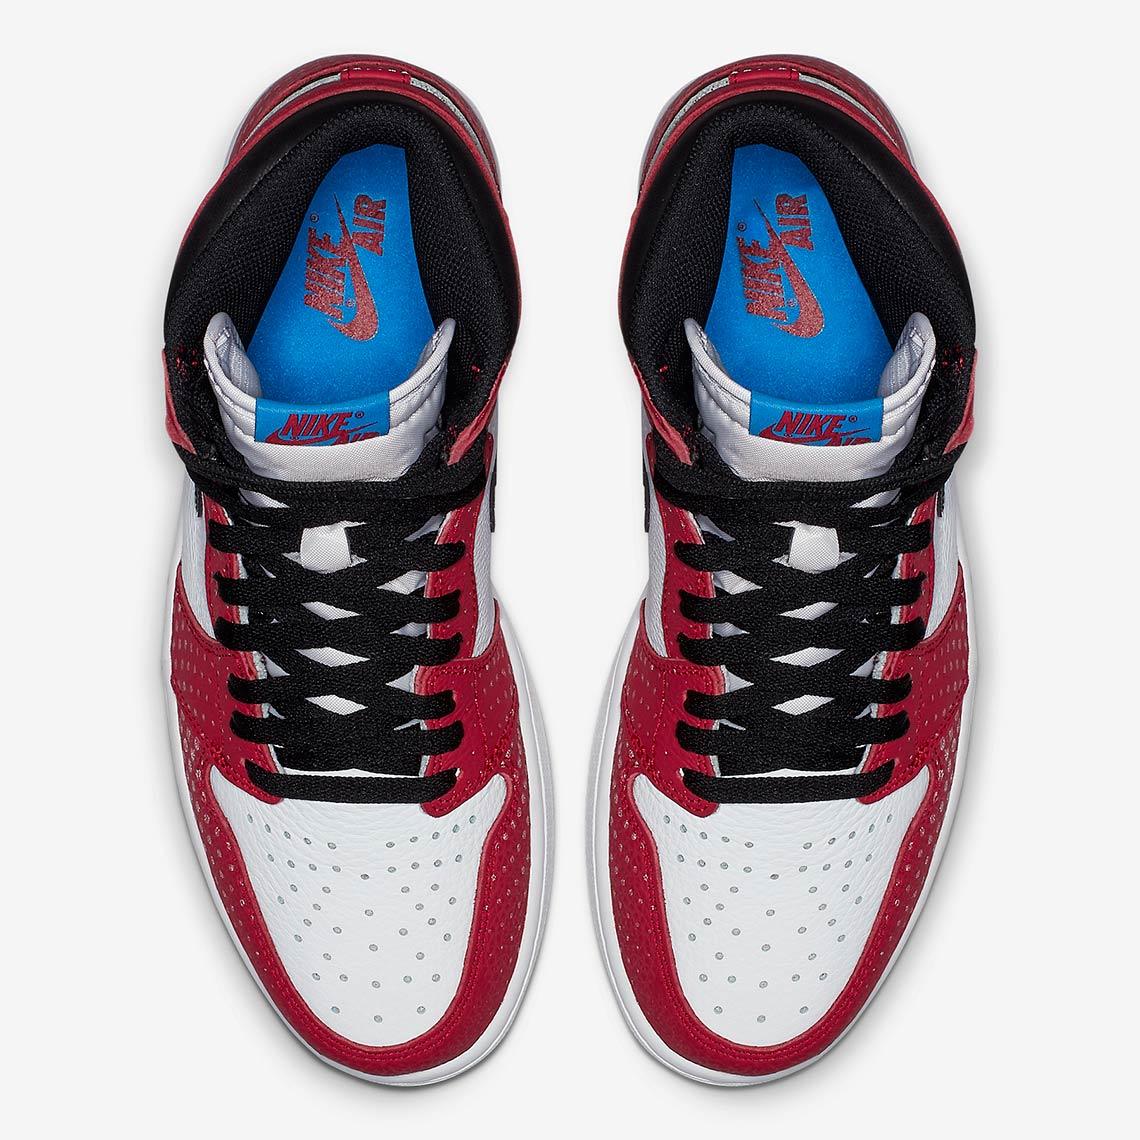 f0fb352e6a9041 Jordan 1 Spider-Man 575441-602 Release Date + Info